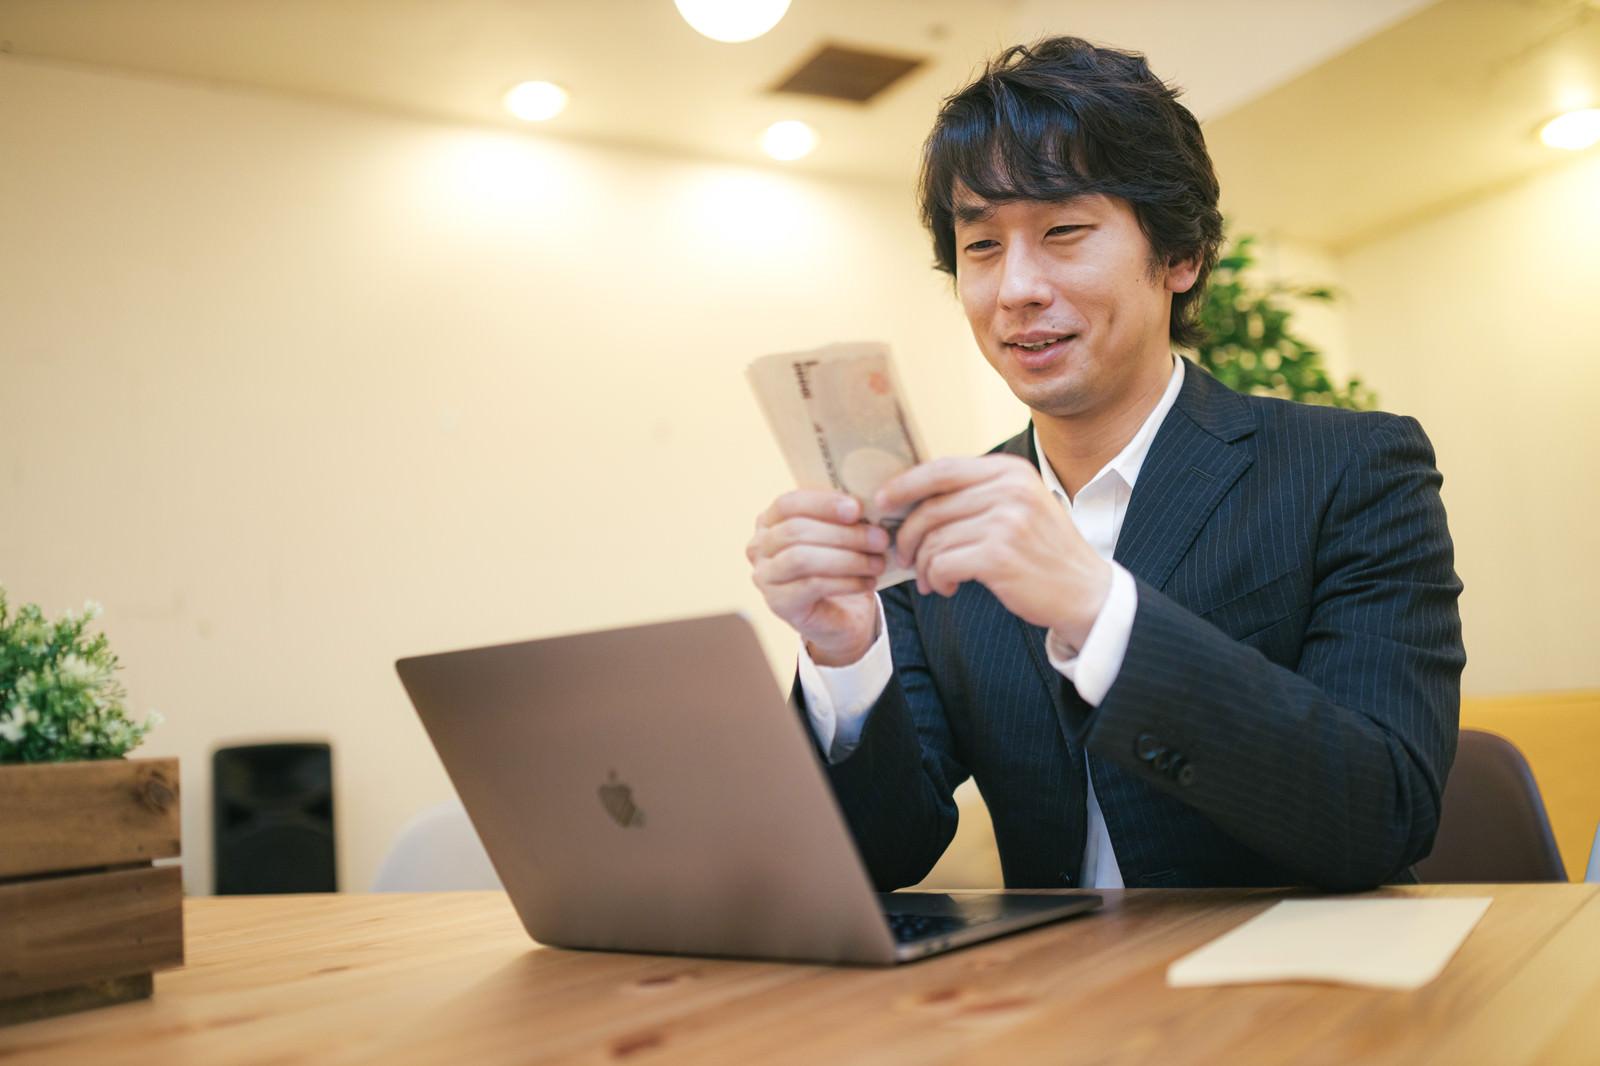 「特別定額給付金の支給に喜ぶ男性」の写真[モデル:大川竜弥]